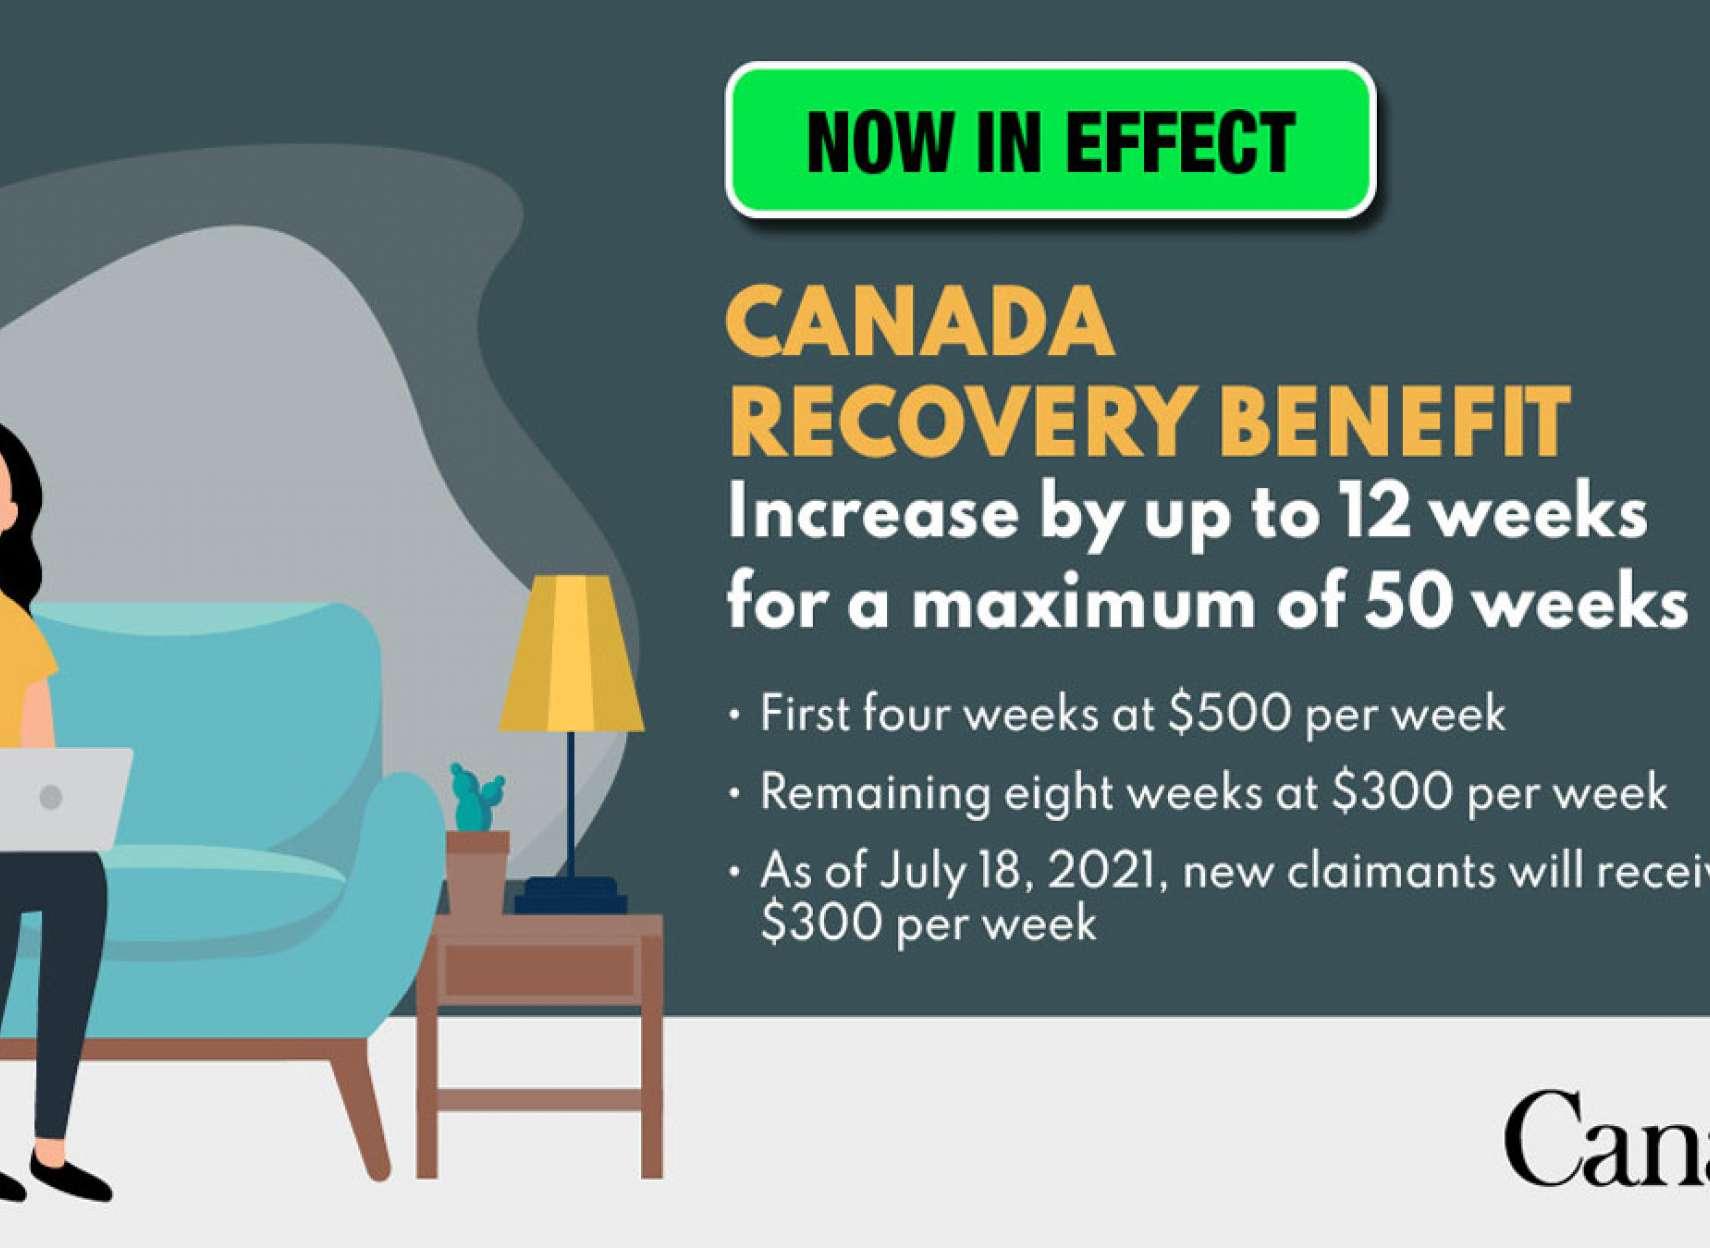 خبر-کانادا-به-آرامی-کمک-های-کرونایش-را-۴۰-درصد-کاهش-داد-و-به-زمان-افزود